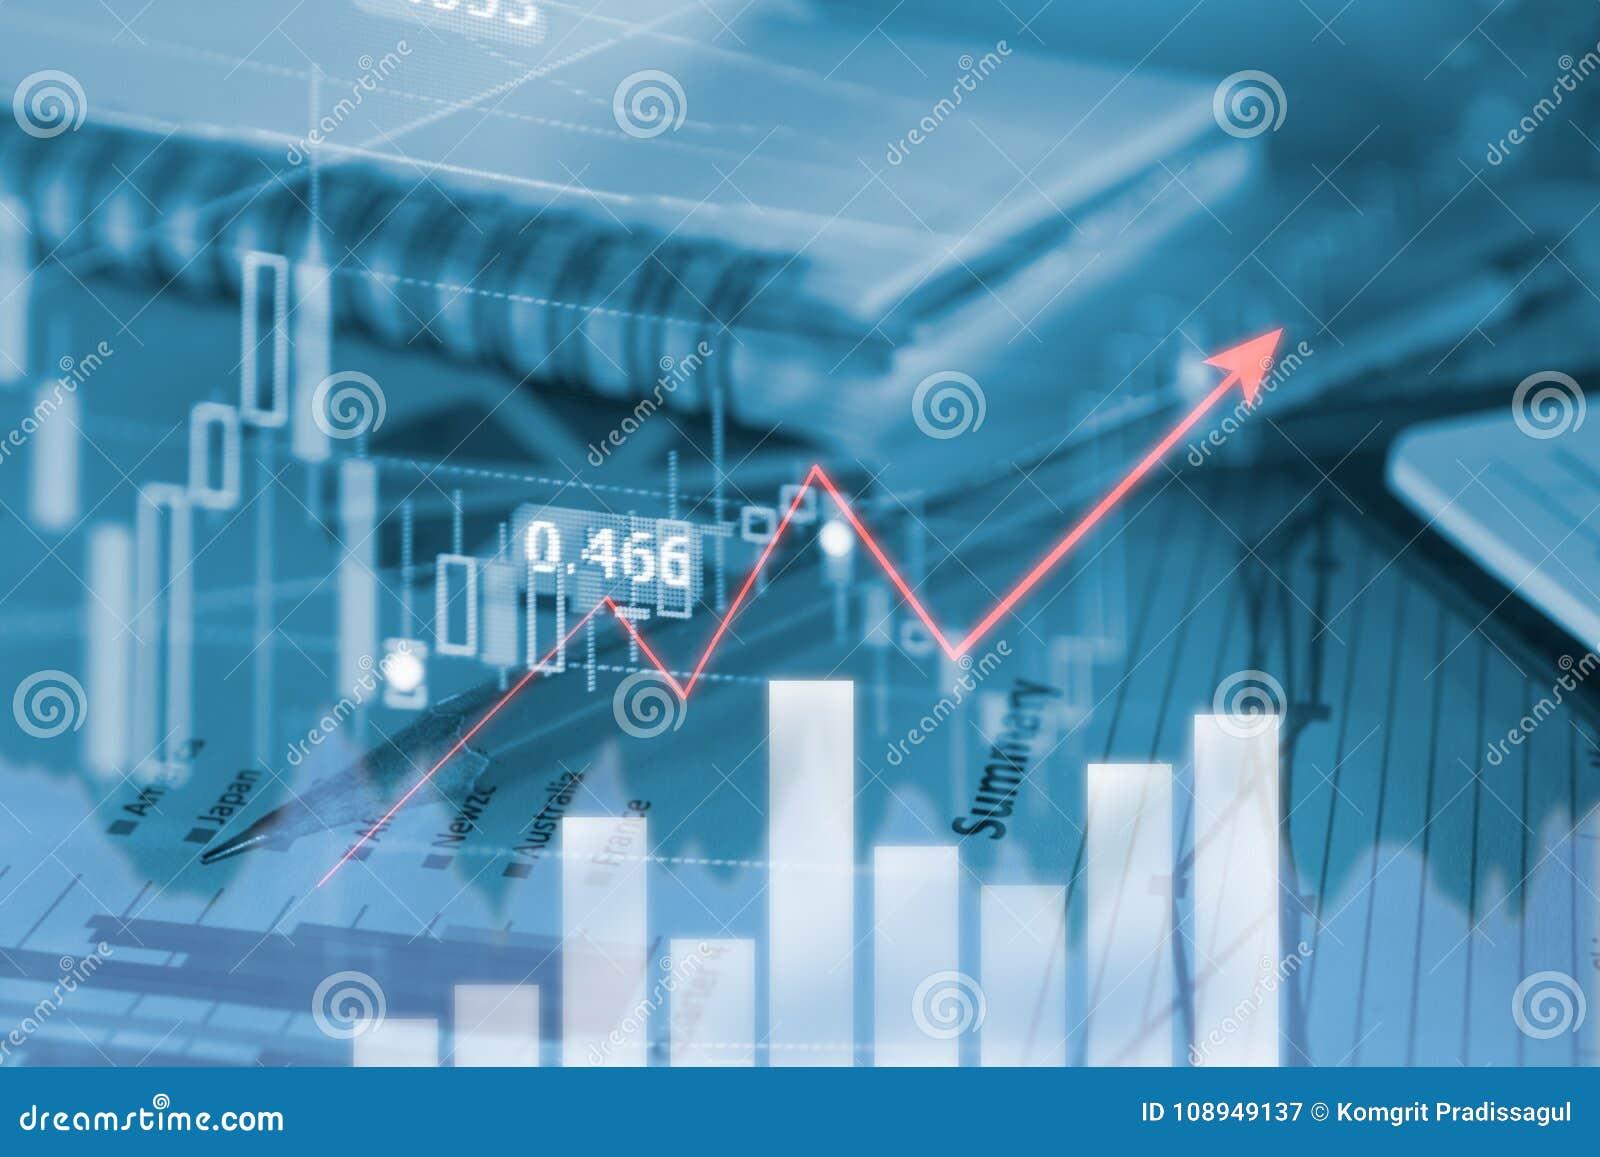 Οι επιχειρησιακά γραφικές παραστάσεις και τα διαγράμματα μολυβιών υποβάλλουν έκθεση με τη γραφική παράσταση κέρδους του εμπορικού